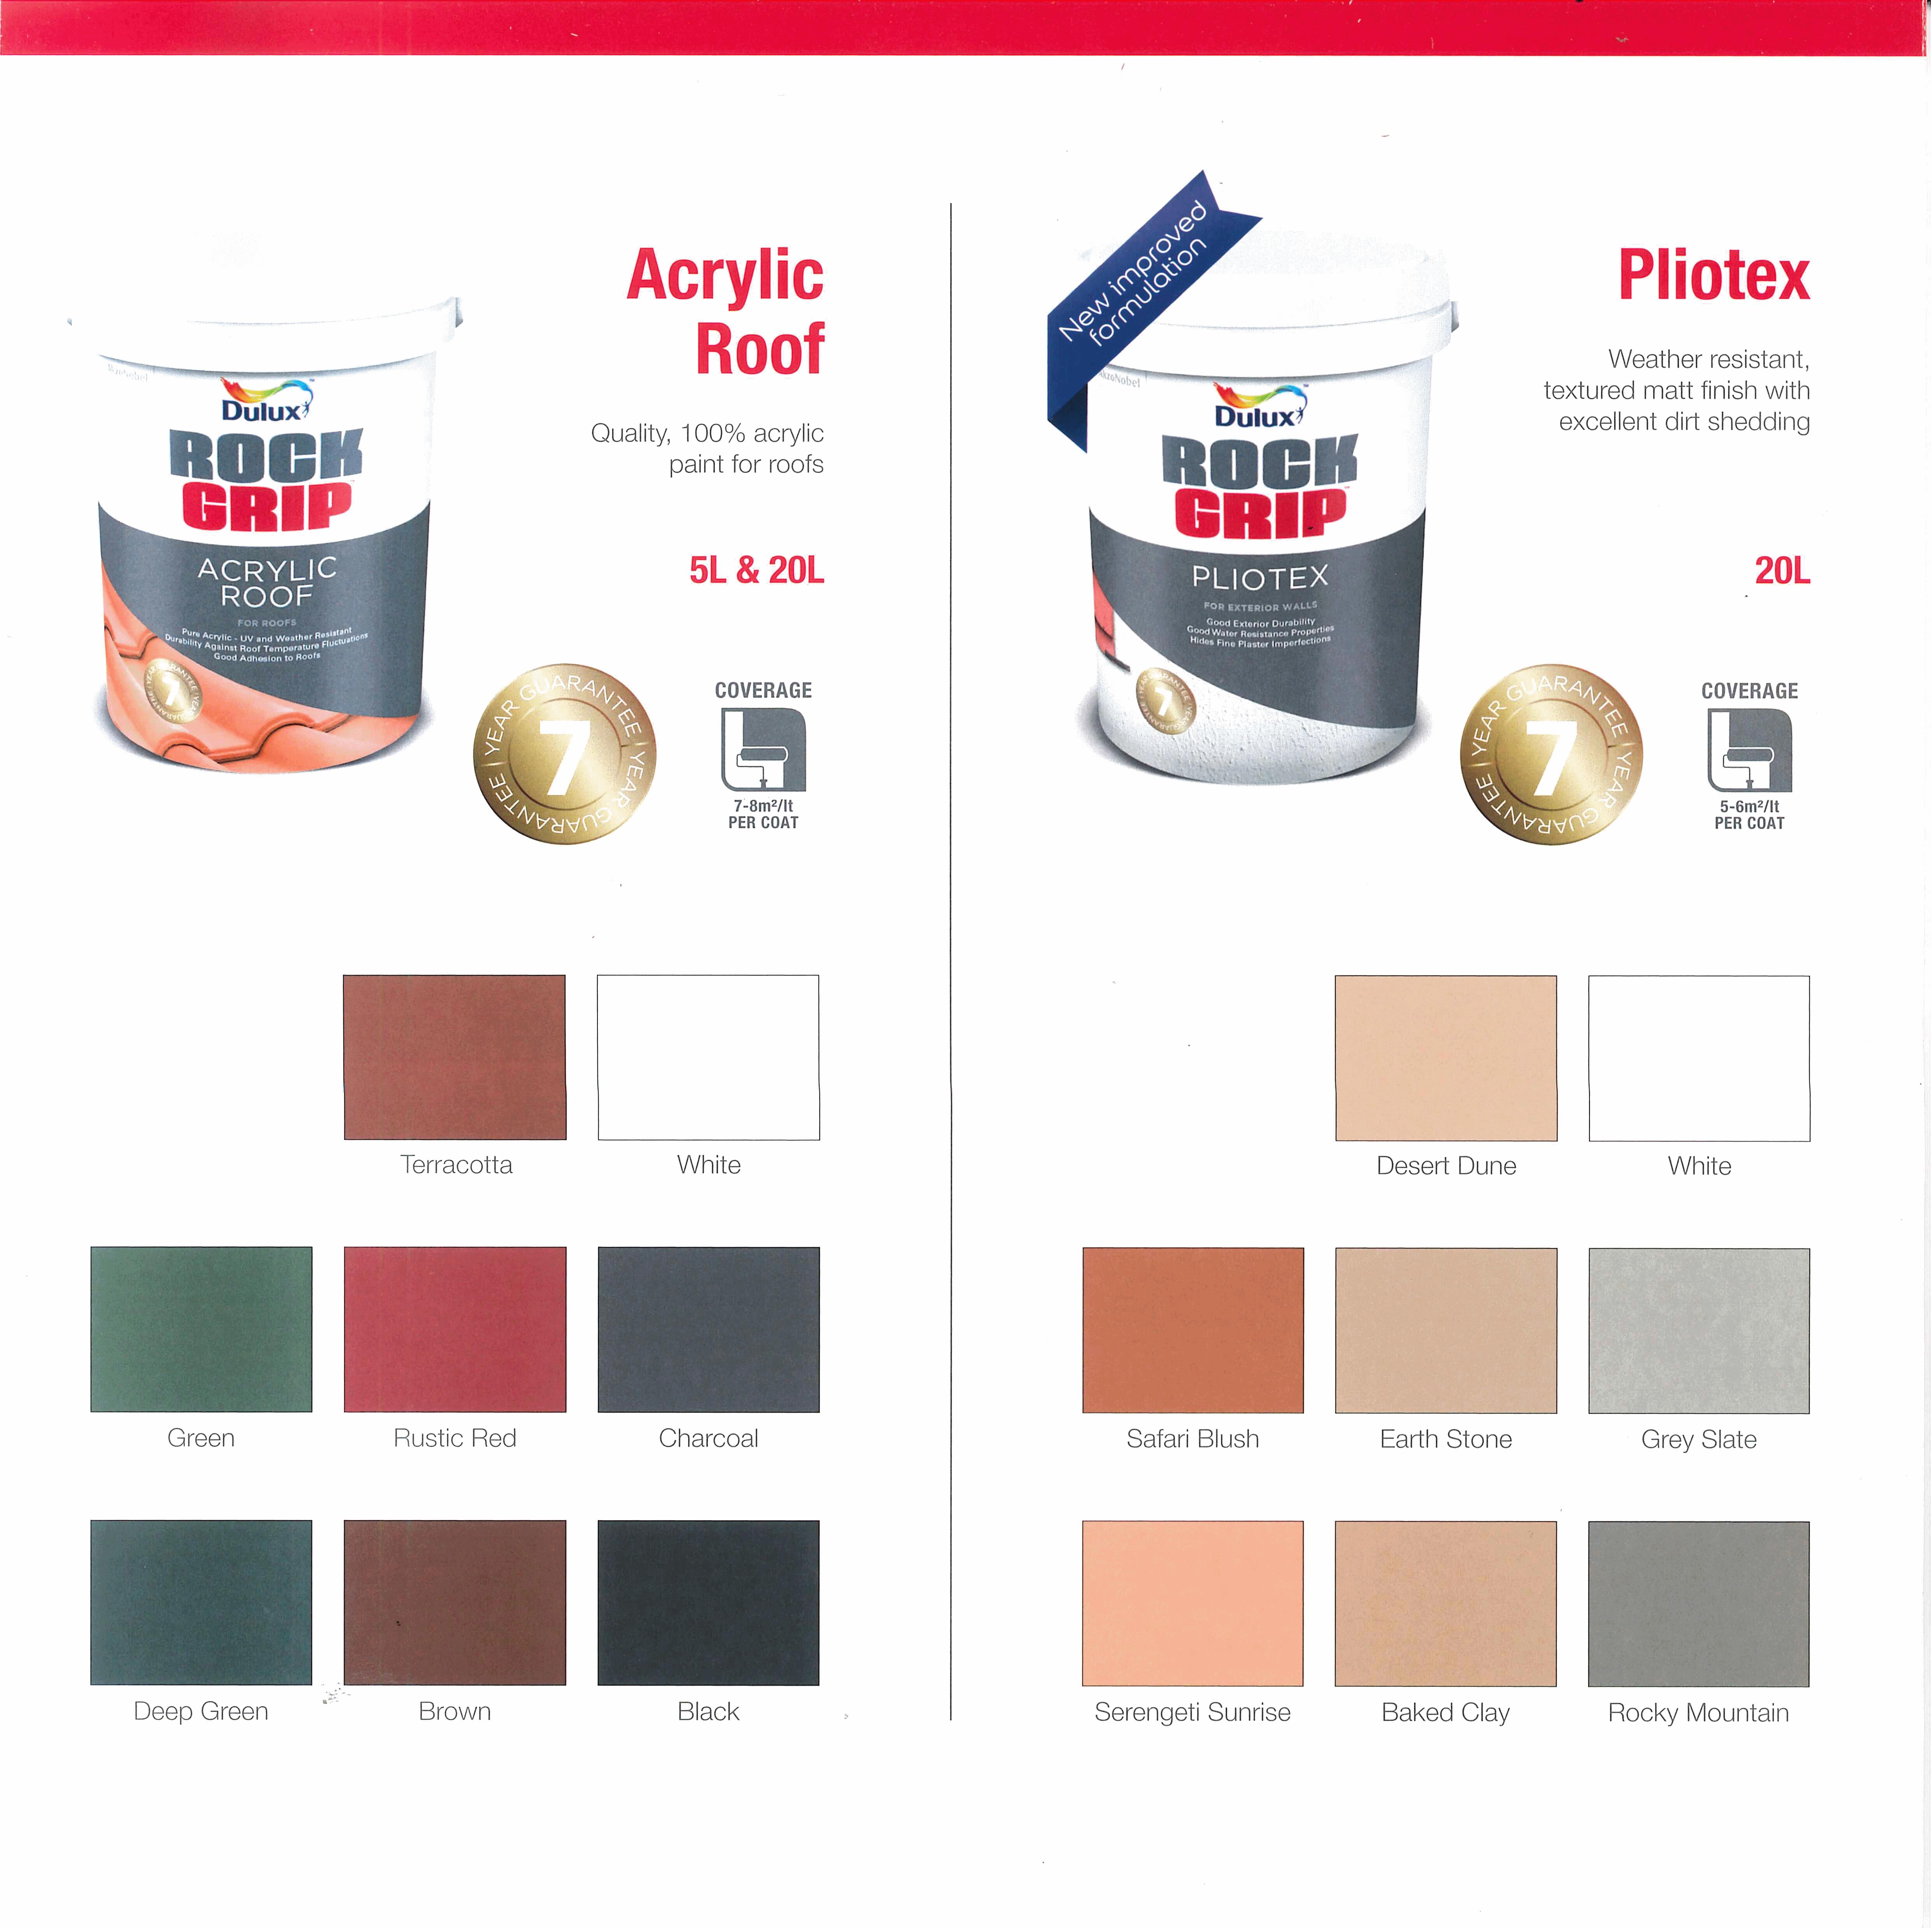 dulux paint colors chart find a colour dulux paint colors chart dulux painting packages paint. Black Bedroom Furniture Sets. Home Design Ideas